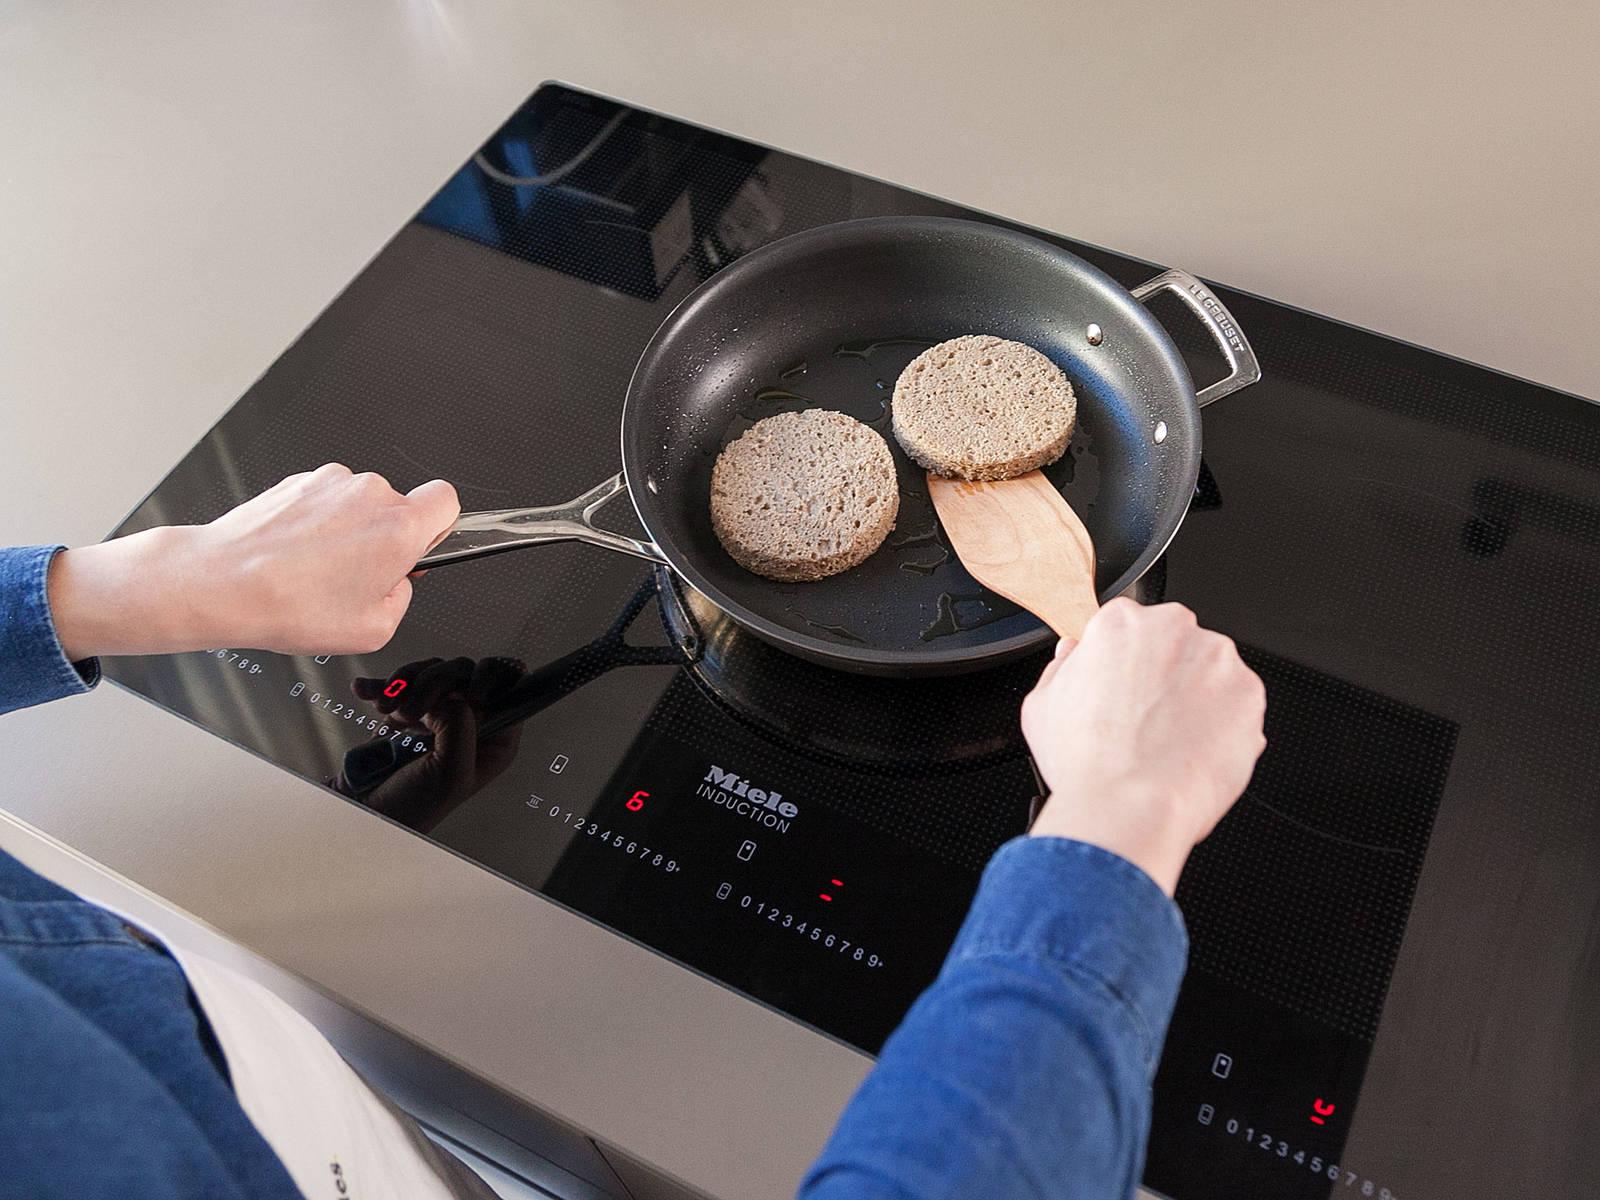 用蛋糕模具压制出两片接近肉饼大小的面包用以准备汉堡。以油热锅,用中火煎面包片至酥脆。